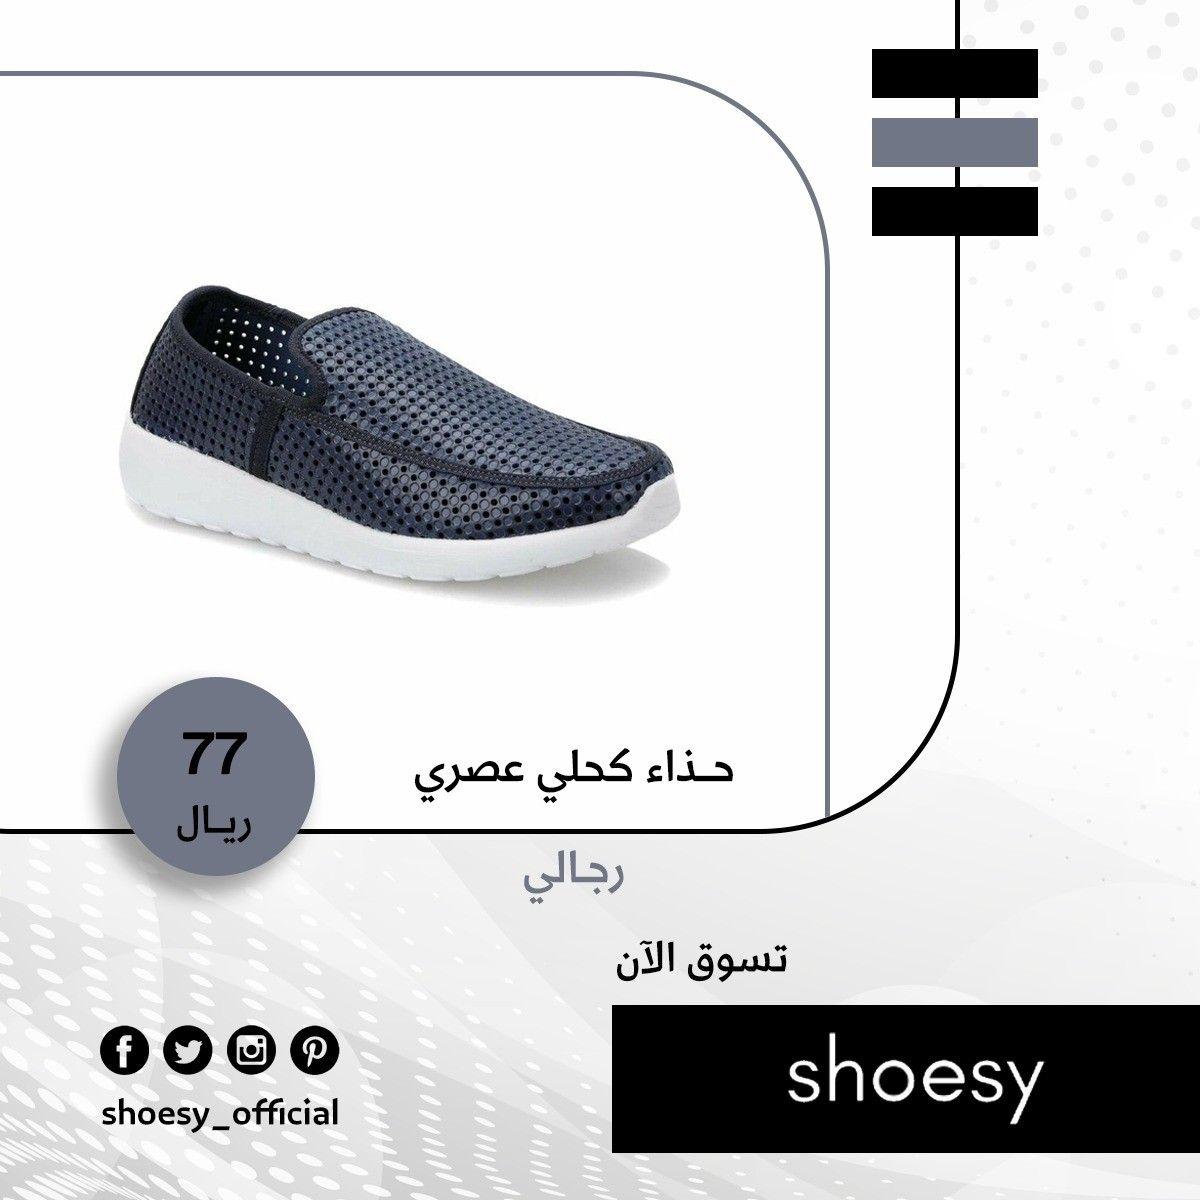 تسوق الآن وتحل ى بالفخامة باختيارك هذا الحذاء العصري الأنيق Vans Classic Slip On Sneaker Slip On Sneaker Vans Classic Slip On